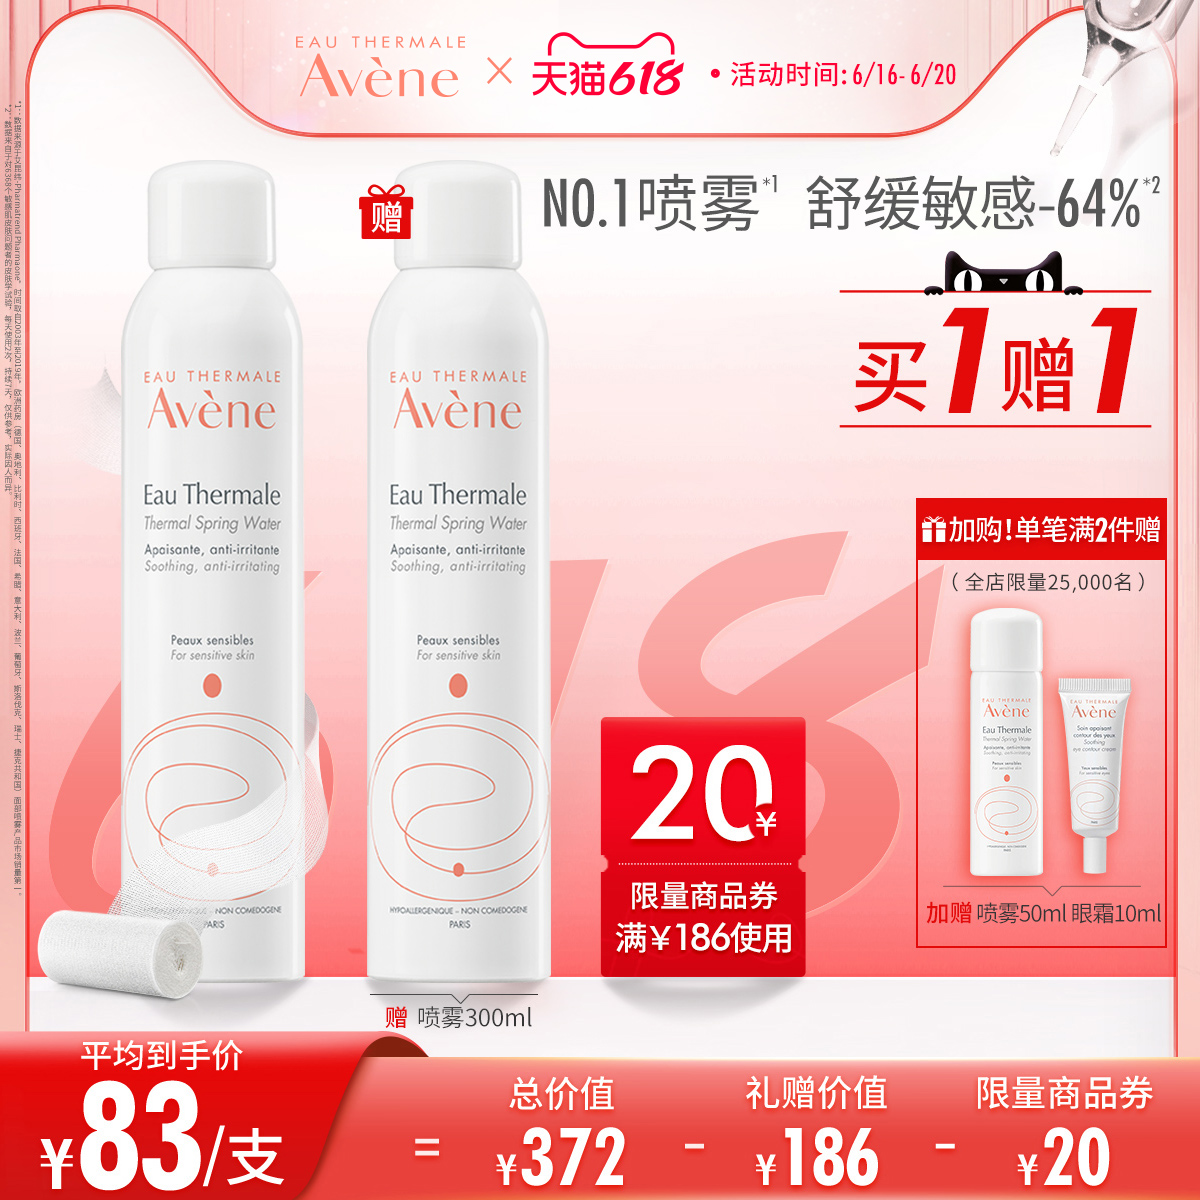 雅漾舒泉调理喷雾300ml大喷舒缓敏感肌肤保湿补水护肤爽肤水正品